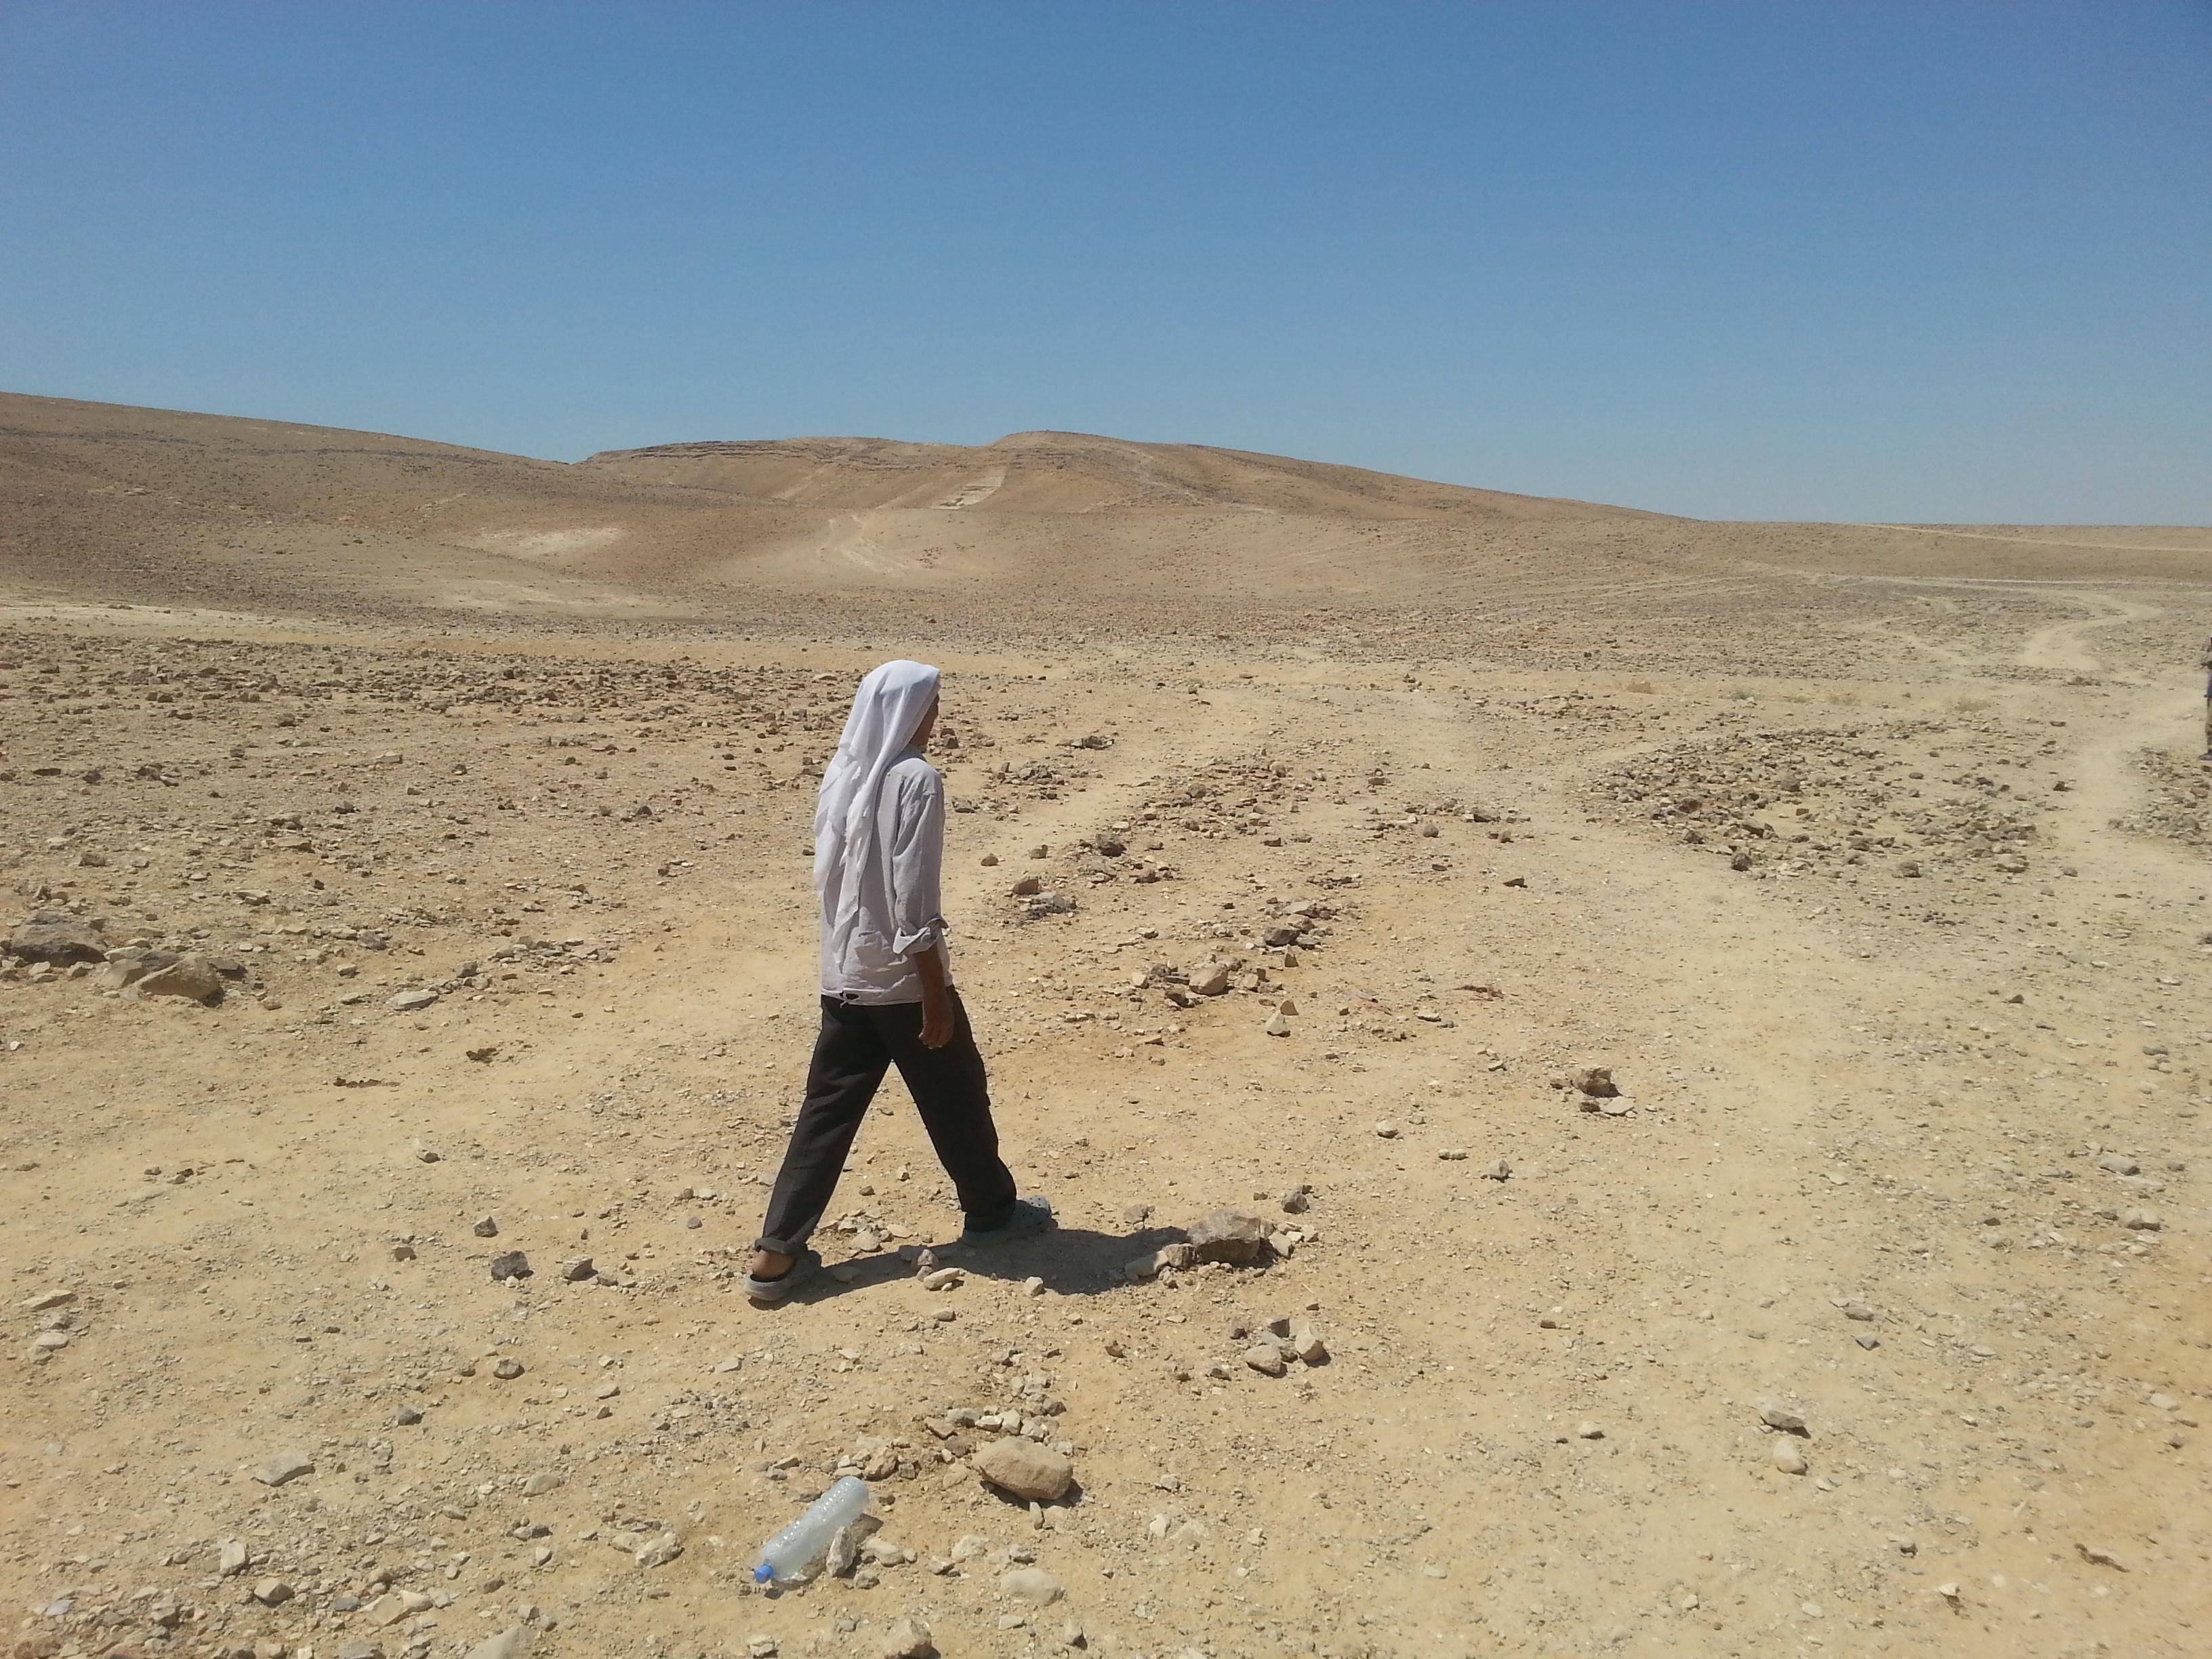 רגע של ערבית: מבלי לזלזל בכבודך